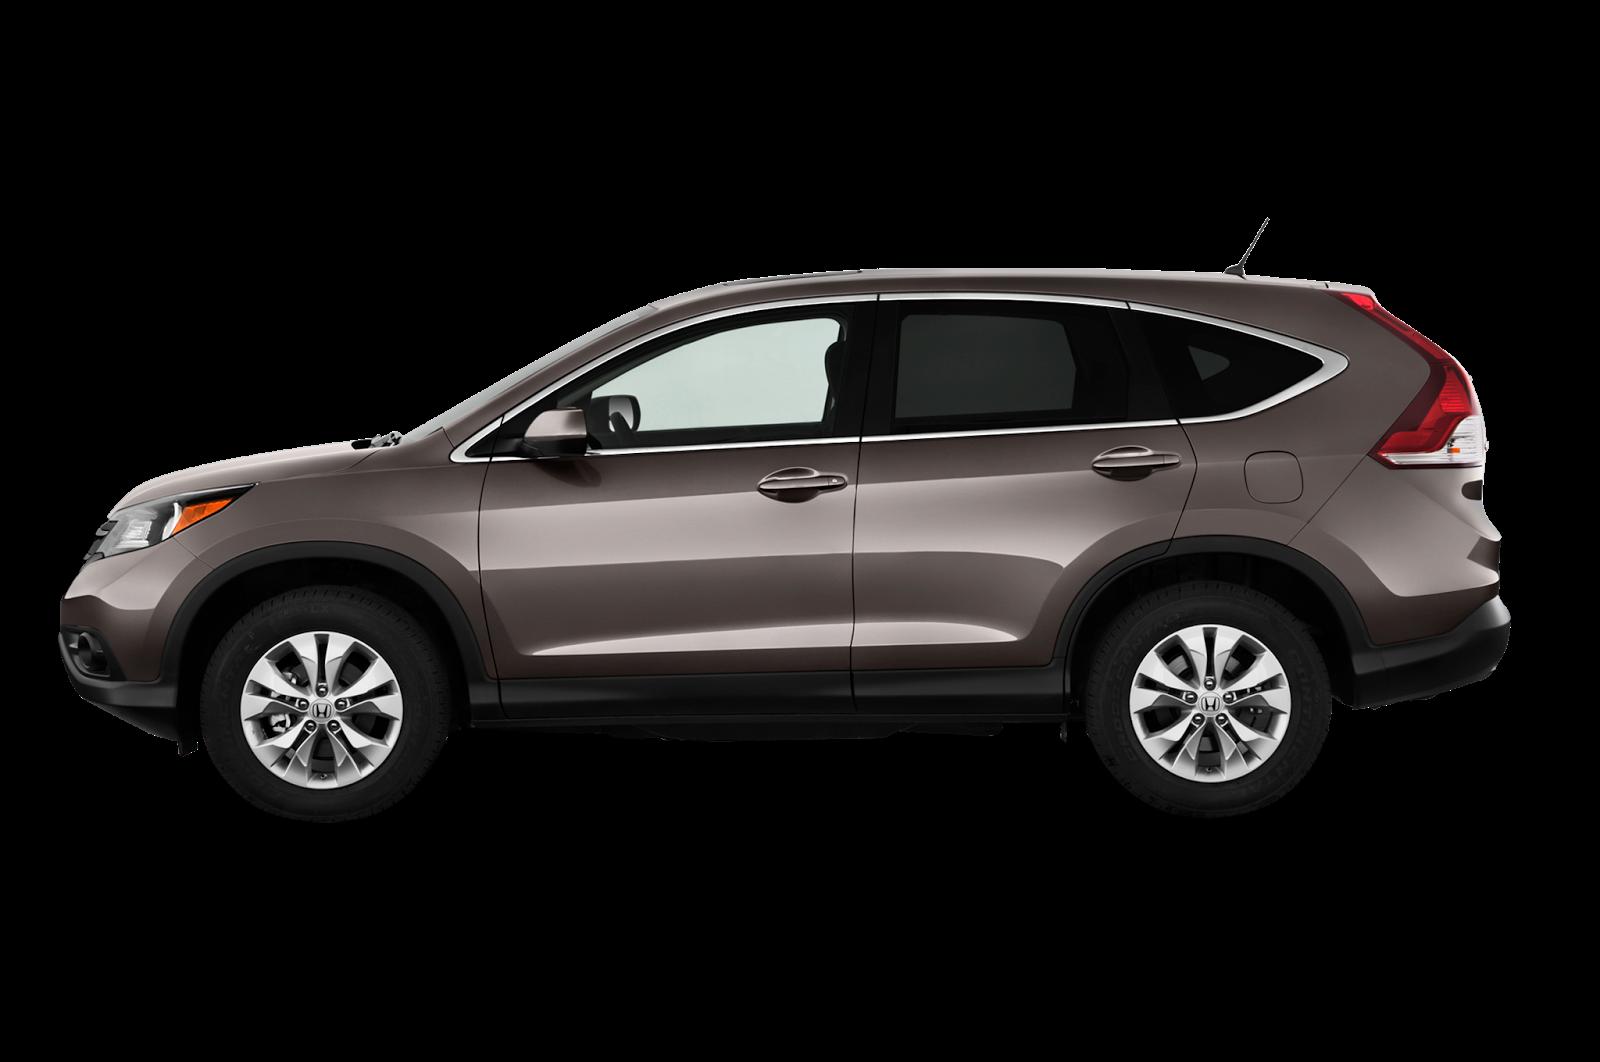 Kelebihan Dan Kekurangan Honda CRV